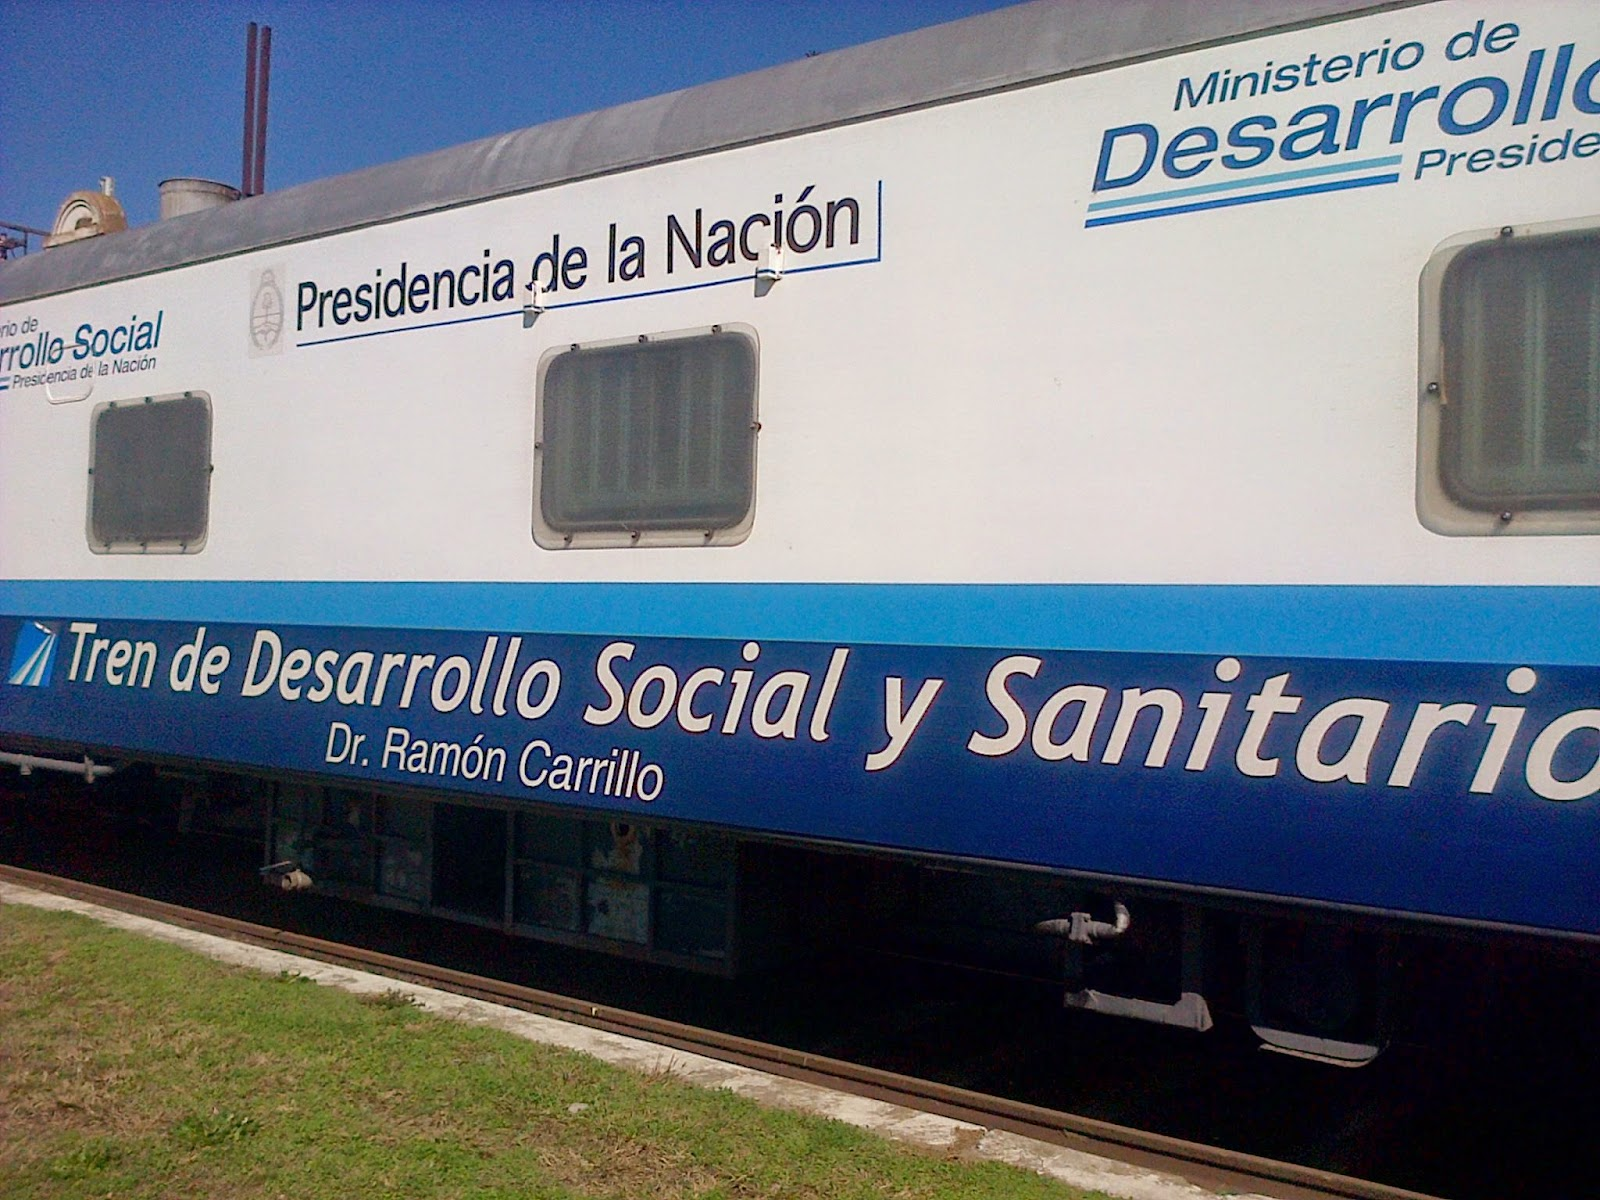 El Tren de Desarrollo Social y Sanitario llegó a Lincoln